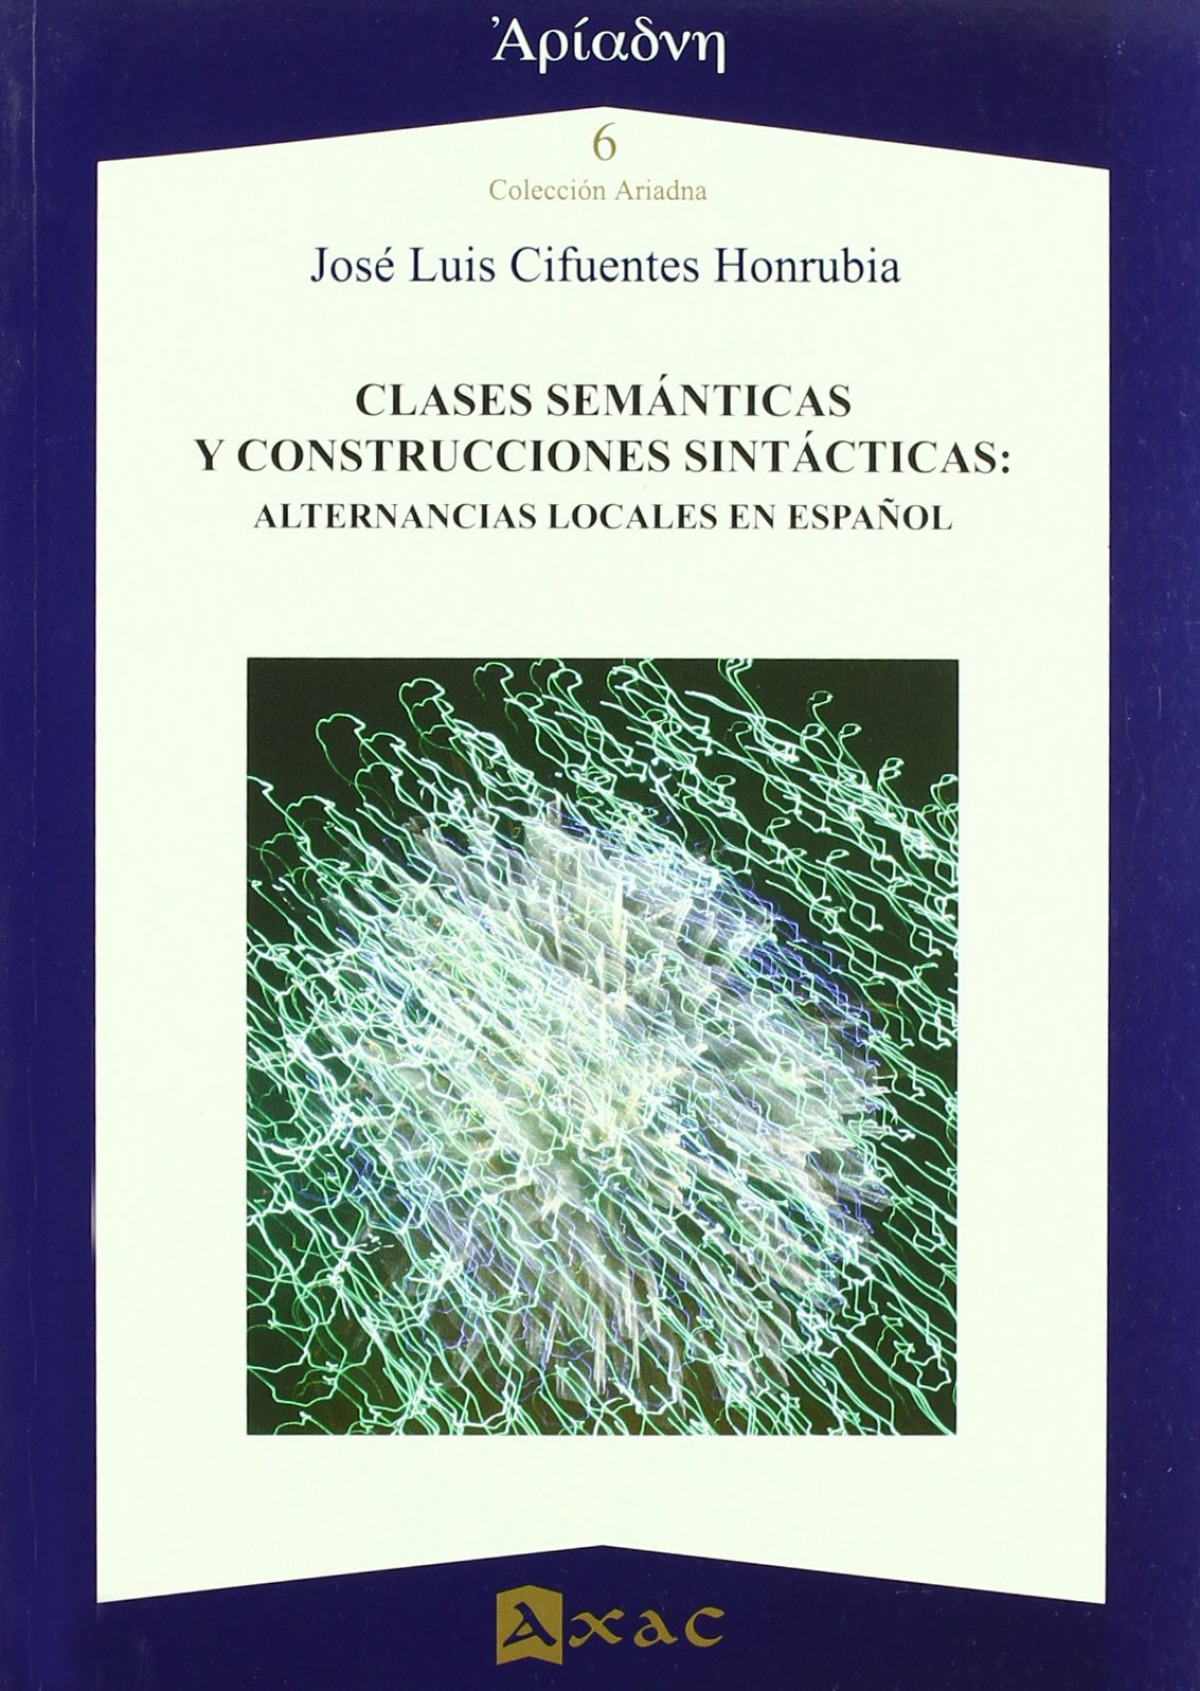 Clases semánticas y construcciones sintácticas alternancias locales en español - Cifuentes Honrubia, José Luis